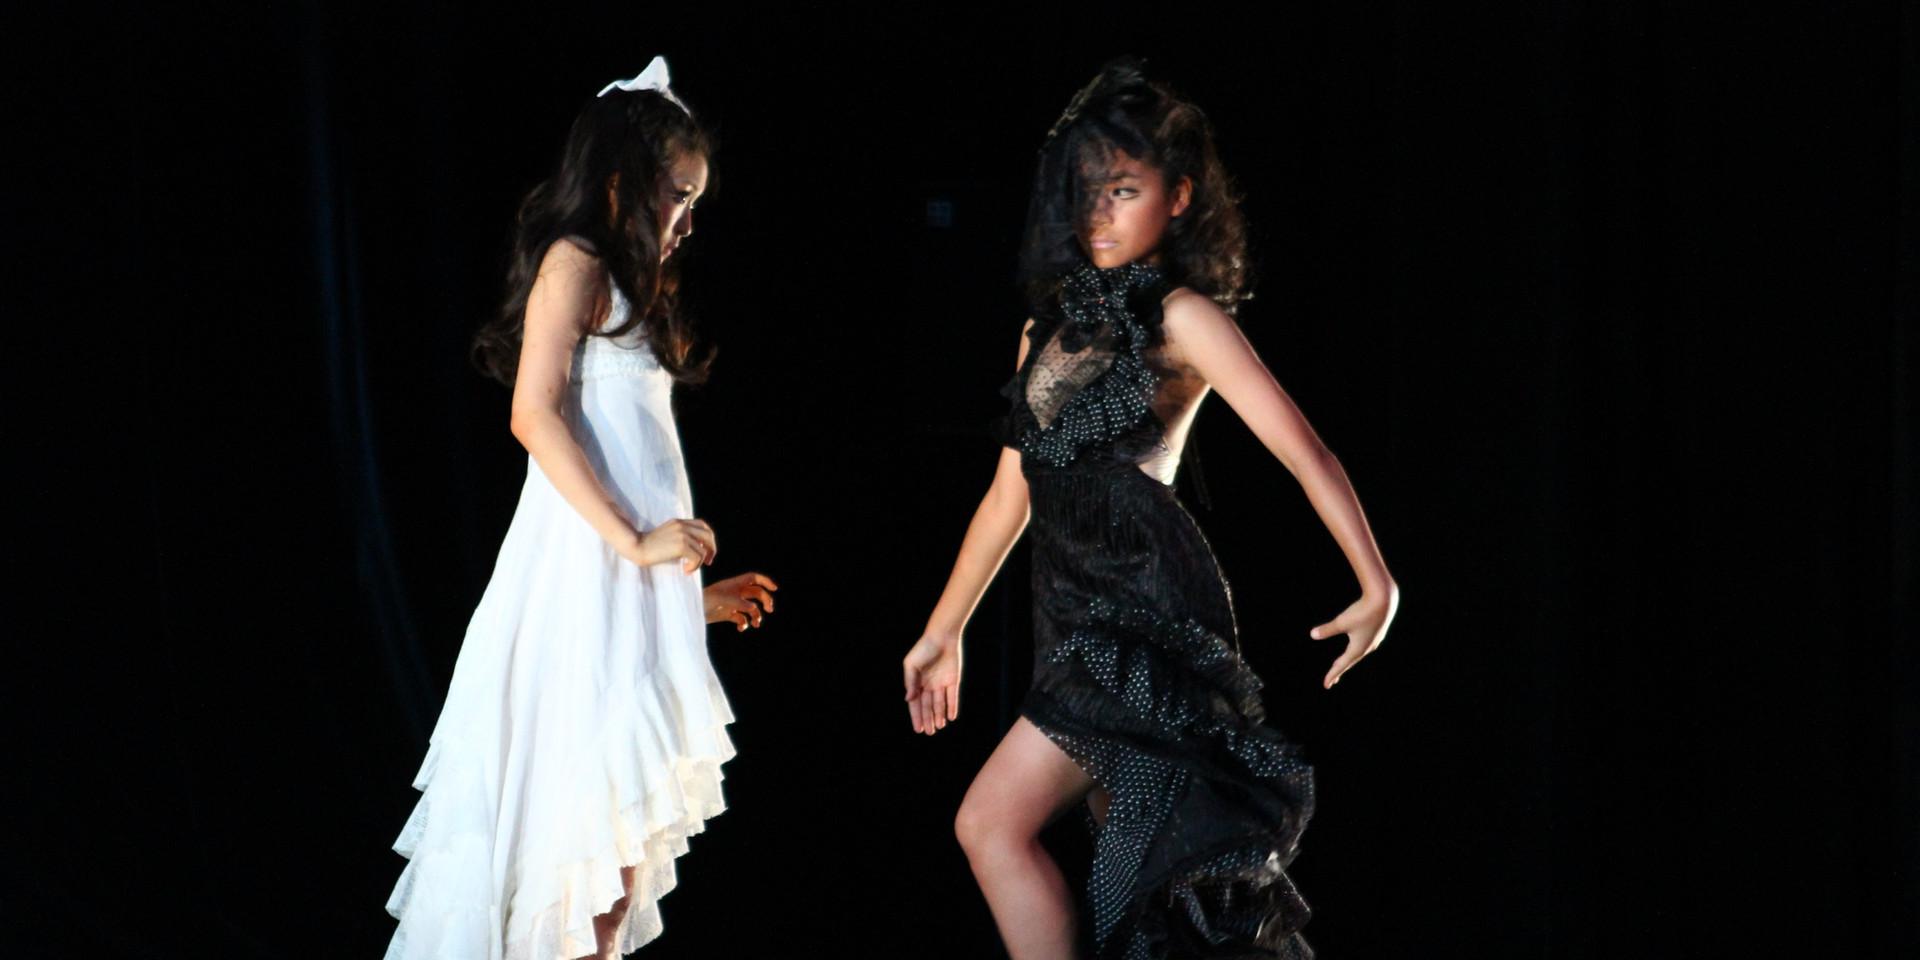 舞台「踊りたいけど踊れない」原作:寺山修司 東京公演